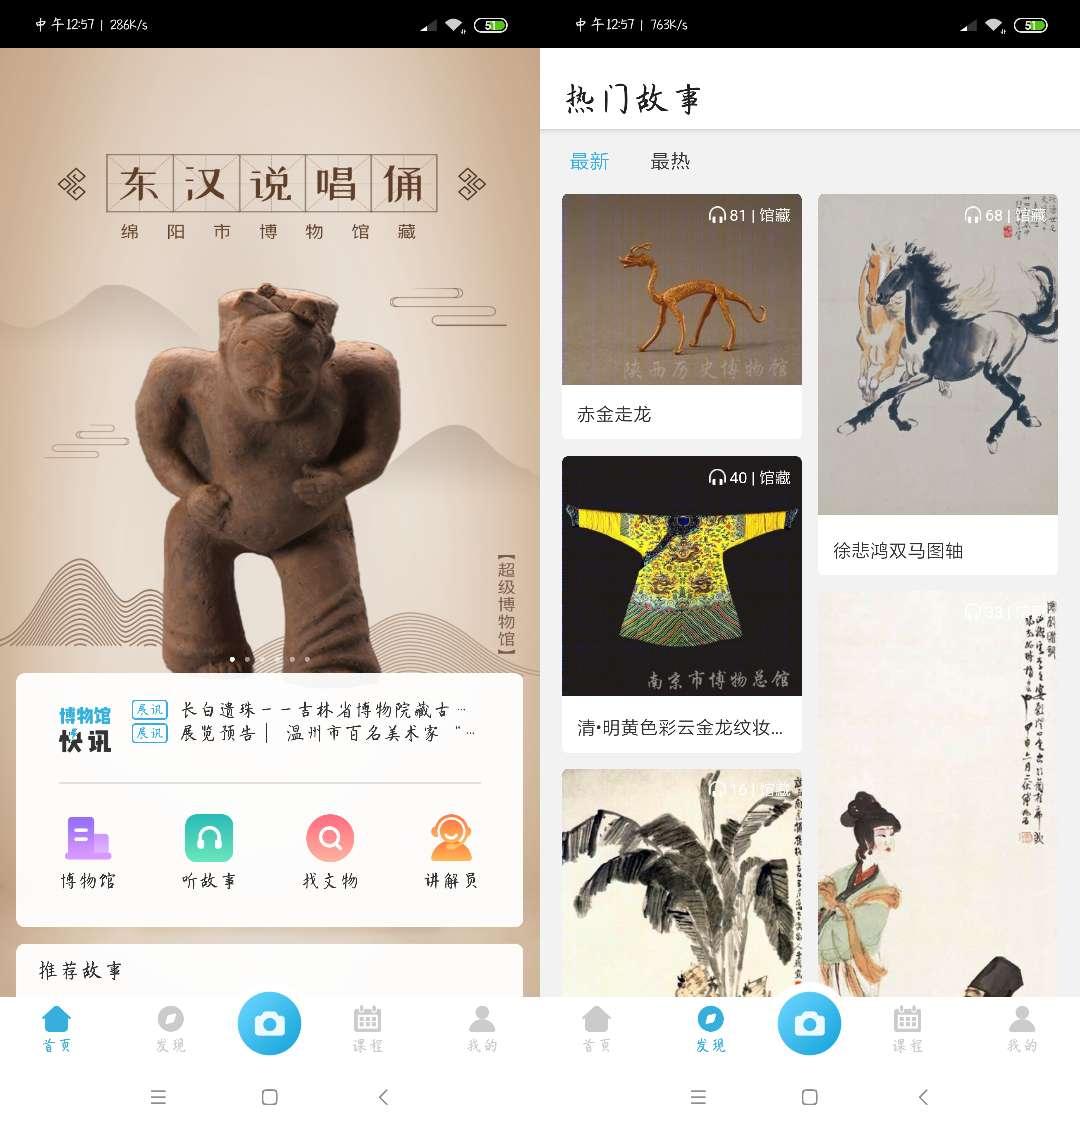 超级博物馆v3.4.2去广告版 会讲文物故事的app